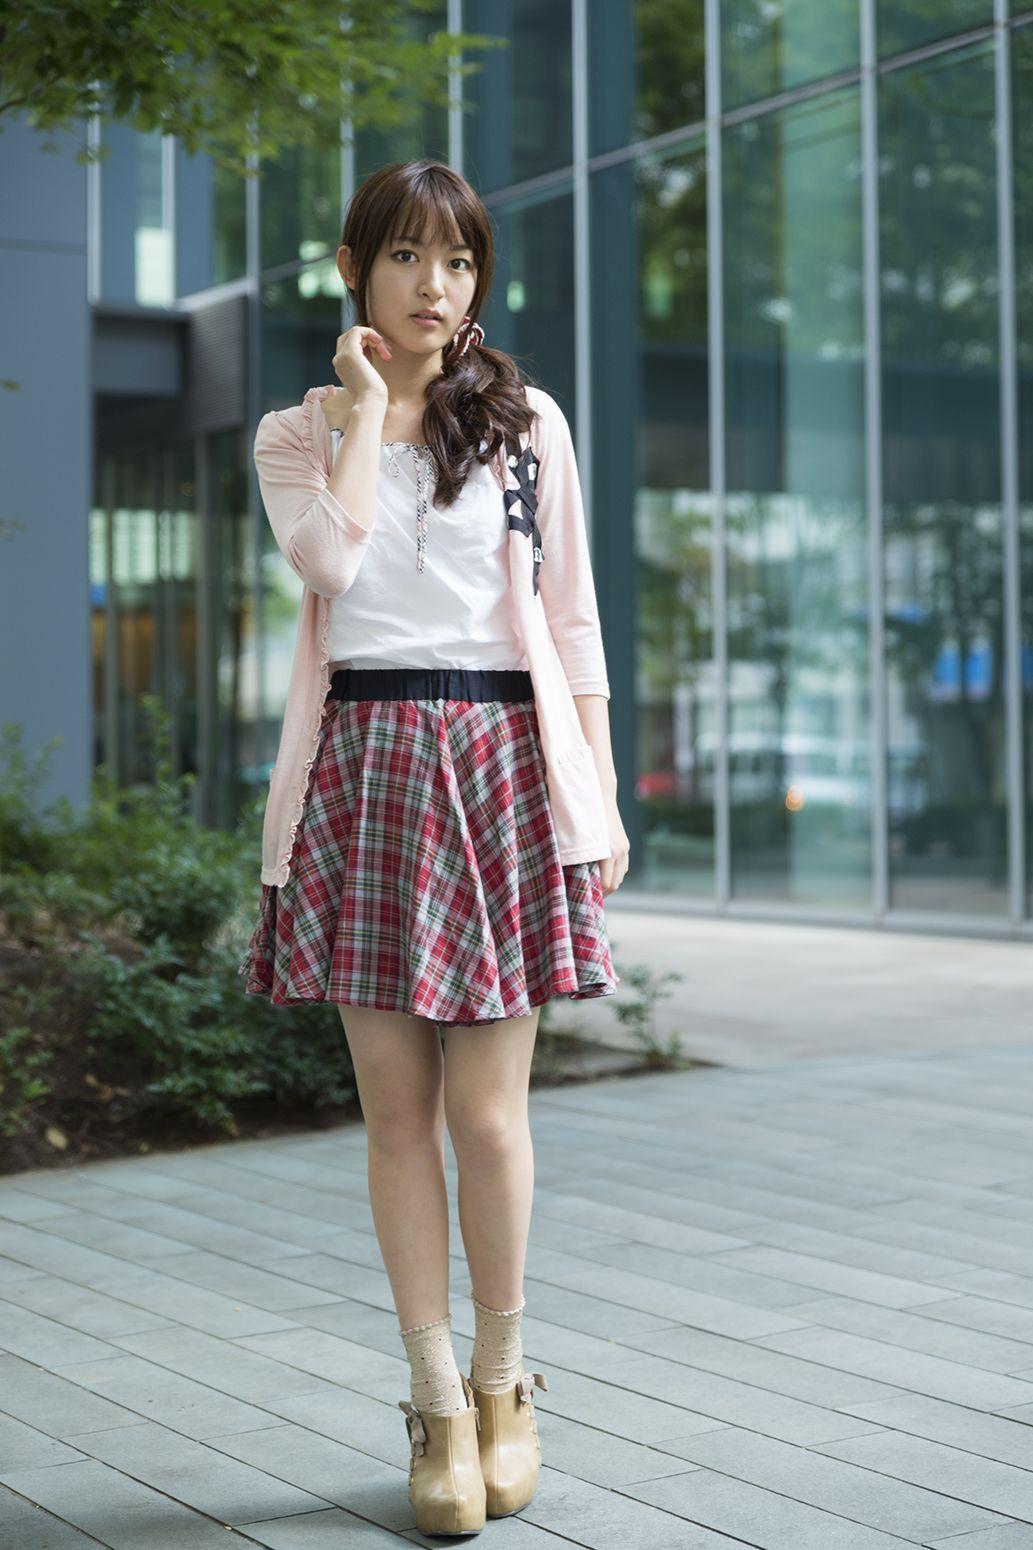 ミニスカート姿の小松未可子さん